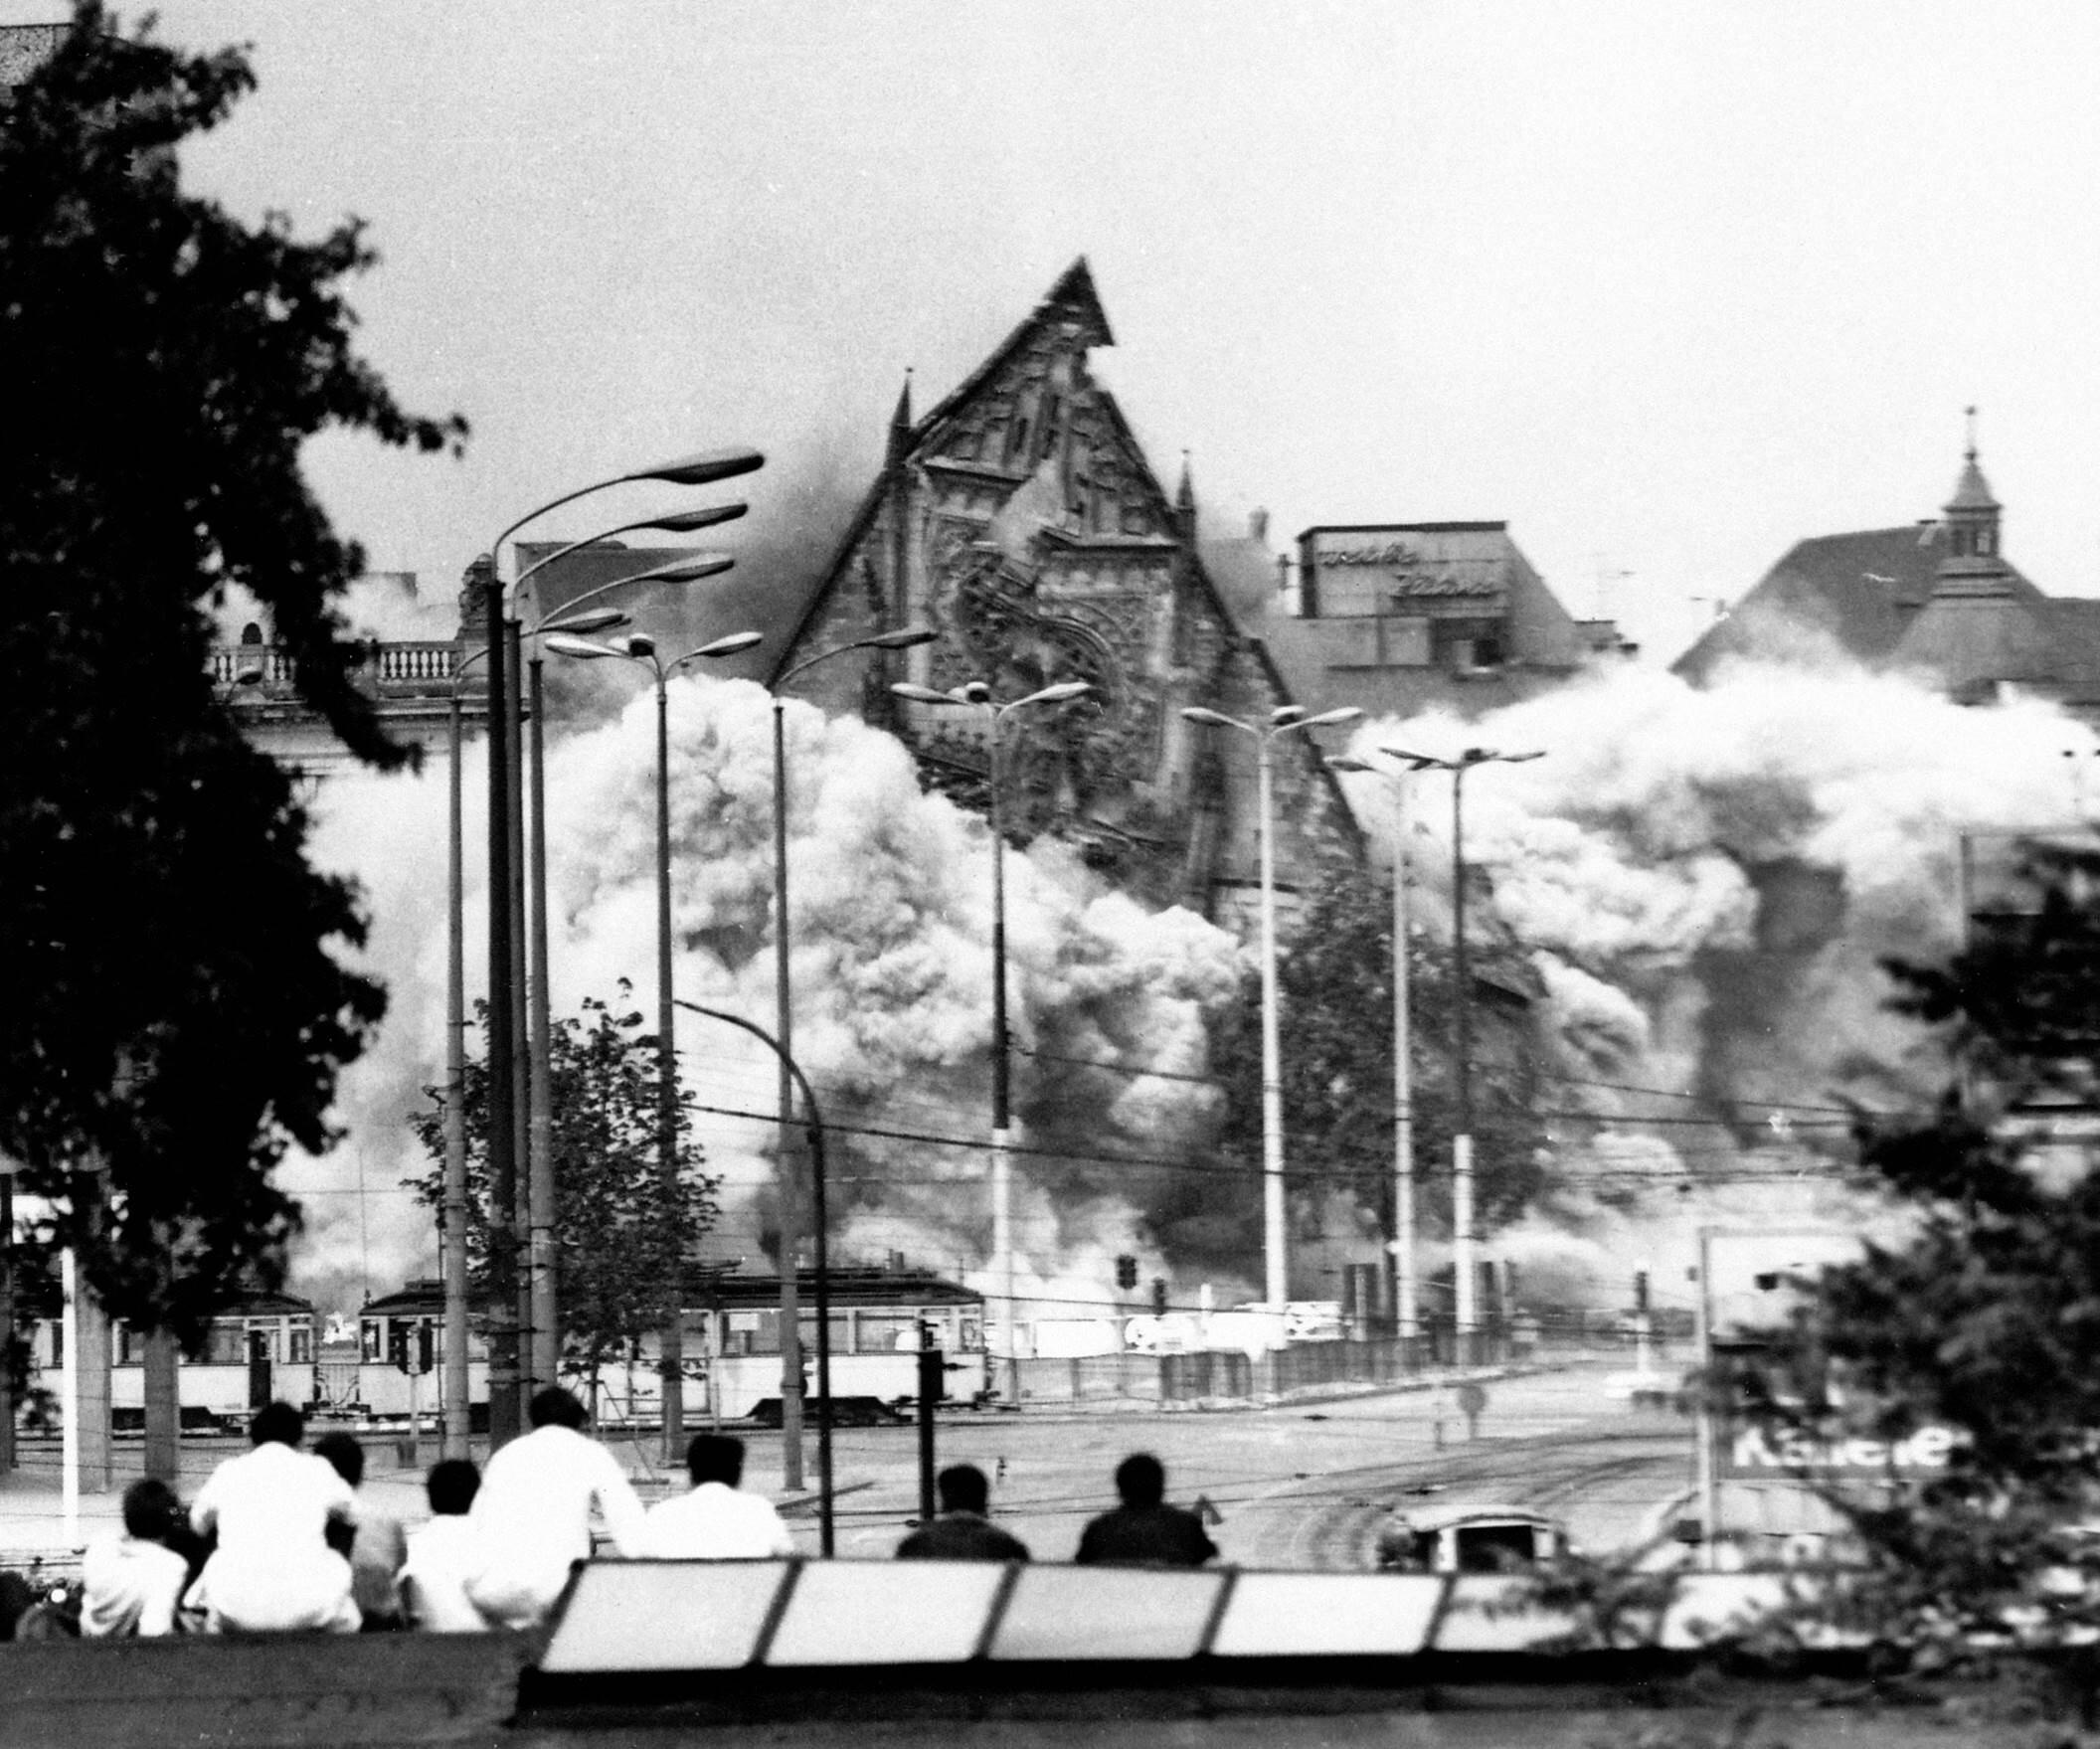 Z výstavy Probuzení a protest. Odstřel gotického kostela sv. Pavla v Lipsku, květen 1968. Foto Karin Wieckhorst